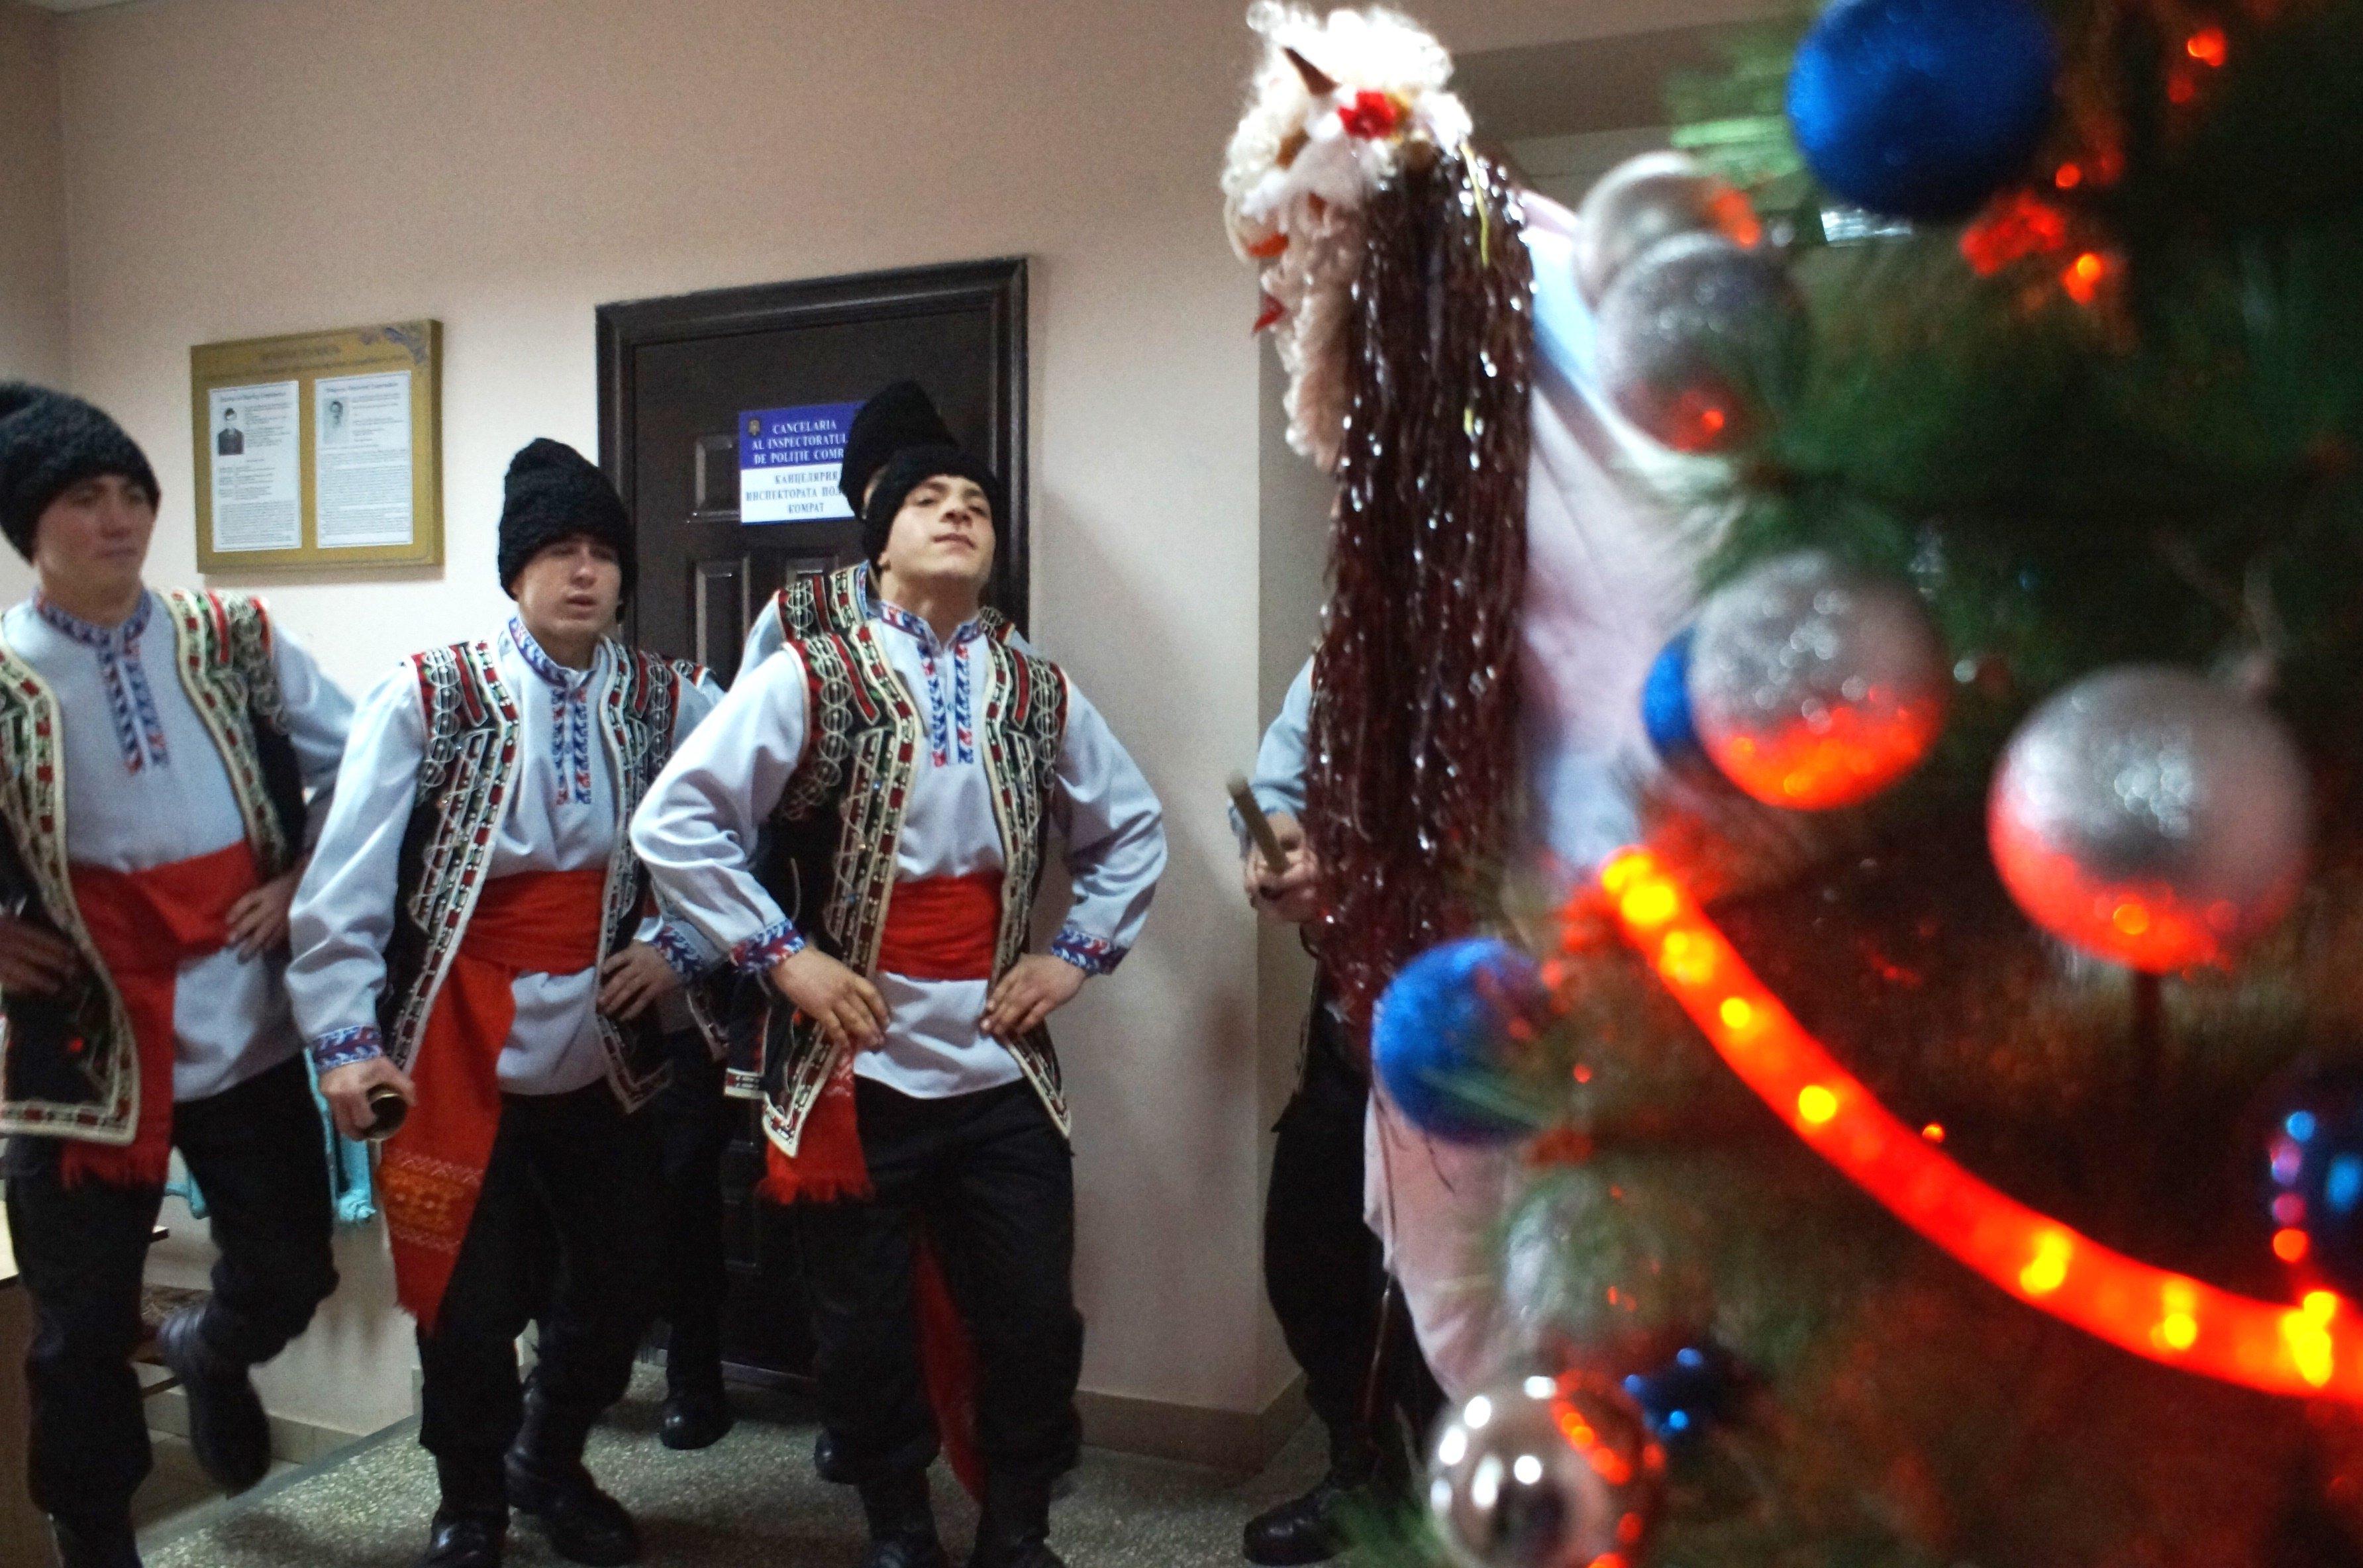 Поздравления с Новым Годом от Карабинеров (фоторепортаж)